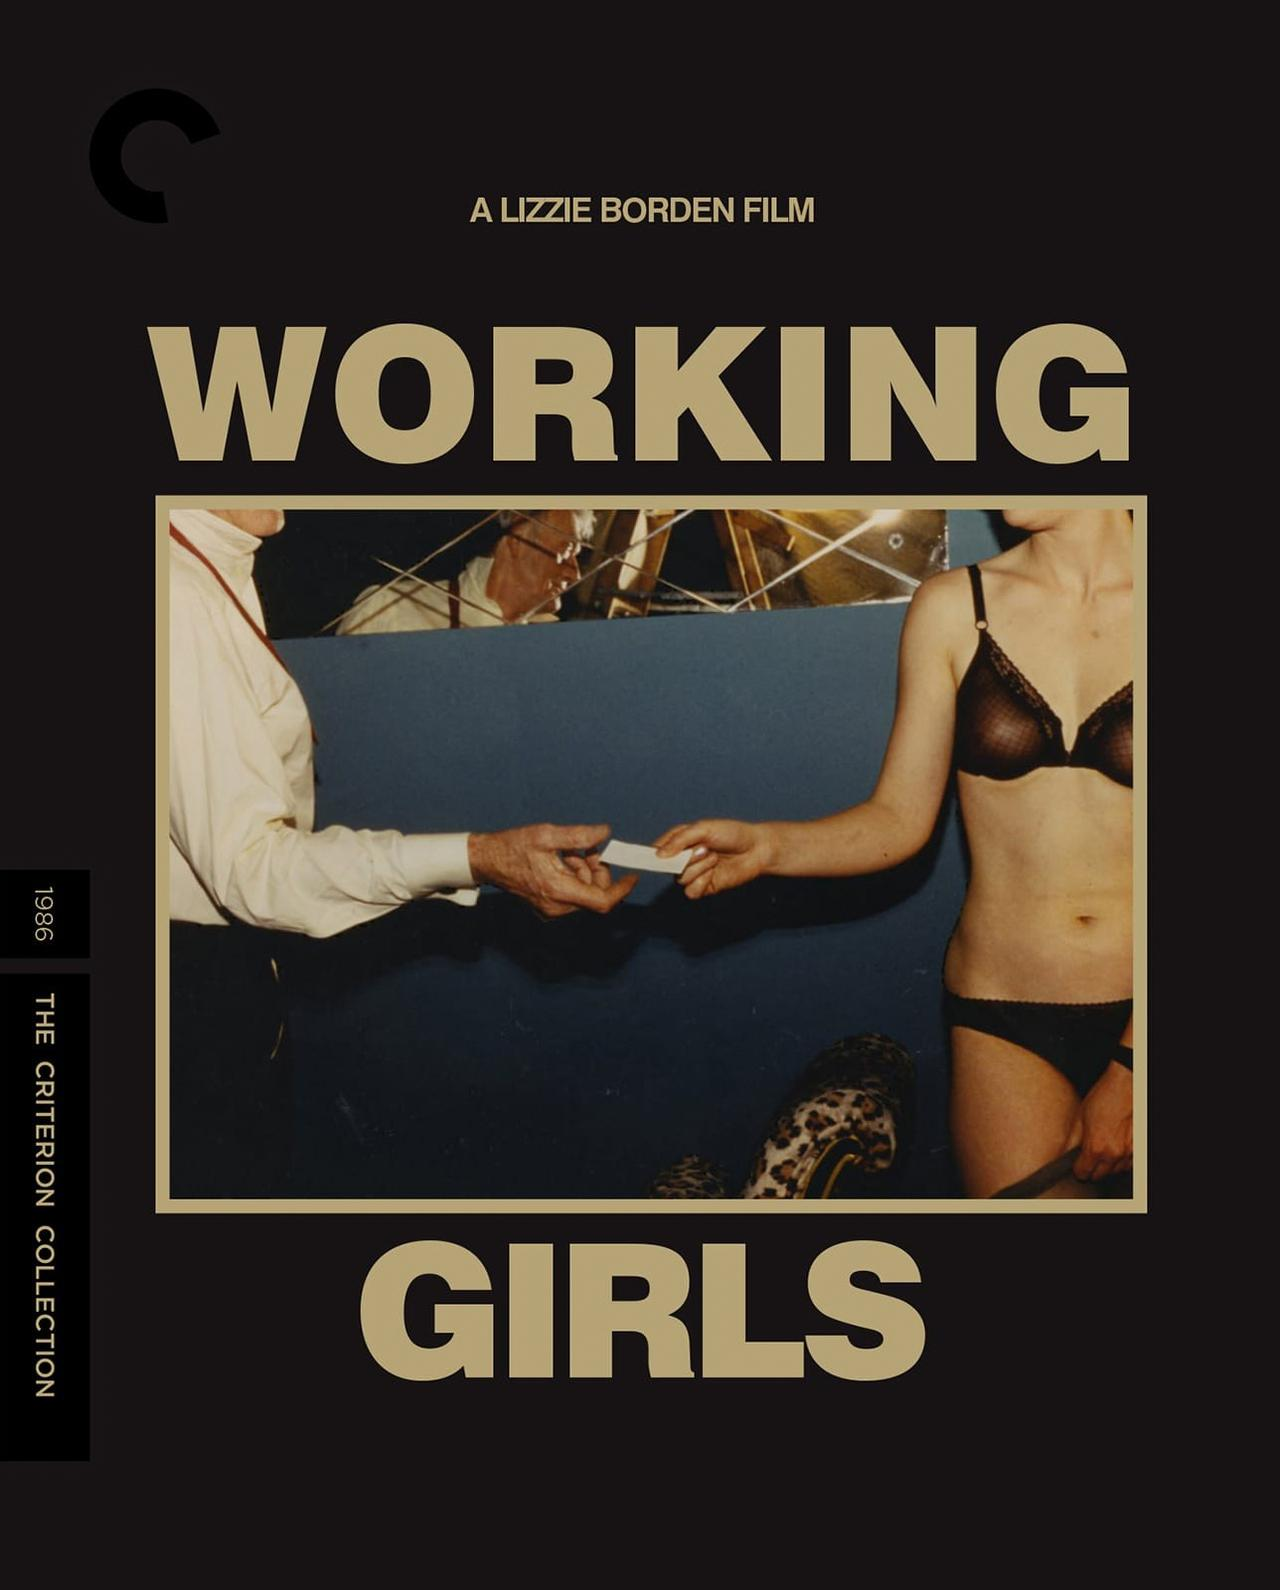 画像: ワーキング・ガール/WORKING GIRLS 7月13日リリース 1986年/監督 リジー・ボーデン/出演 ルイーズ・スミス エレン・マッケルダフ アマンダ・グッドウィン リジー・ボーデン監督の長編映画第2作。ニューヨーク・マンハッタンの中流アパートメントの一室を舞台に、娼婦たちの一日を追ったインディーズ・ドラマ。87年サンダンス映画祭・特別審査員賞受賞作。 NEW 4K RESTORATION OF THE FILM, supervised by director Lizzie Borden, with uncompressed monaural soundtrack